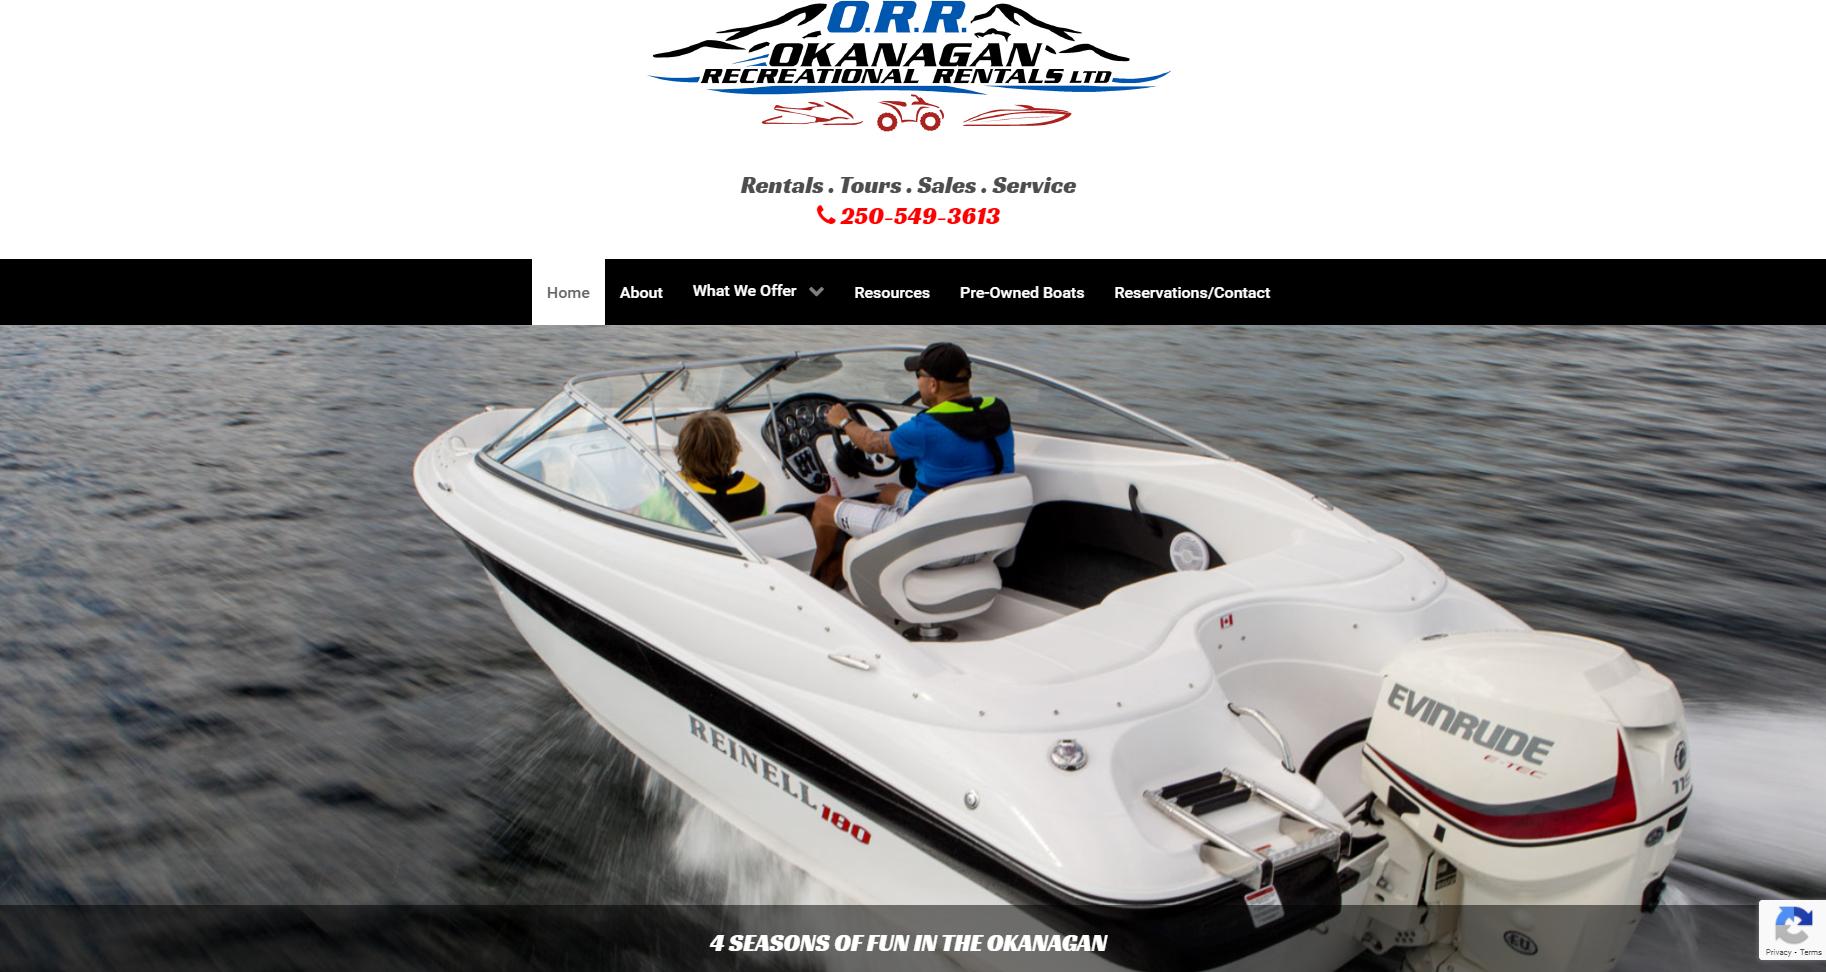 Okanagan Recreational Rentals